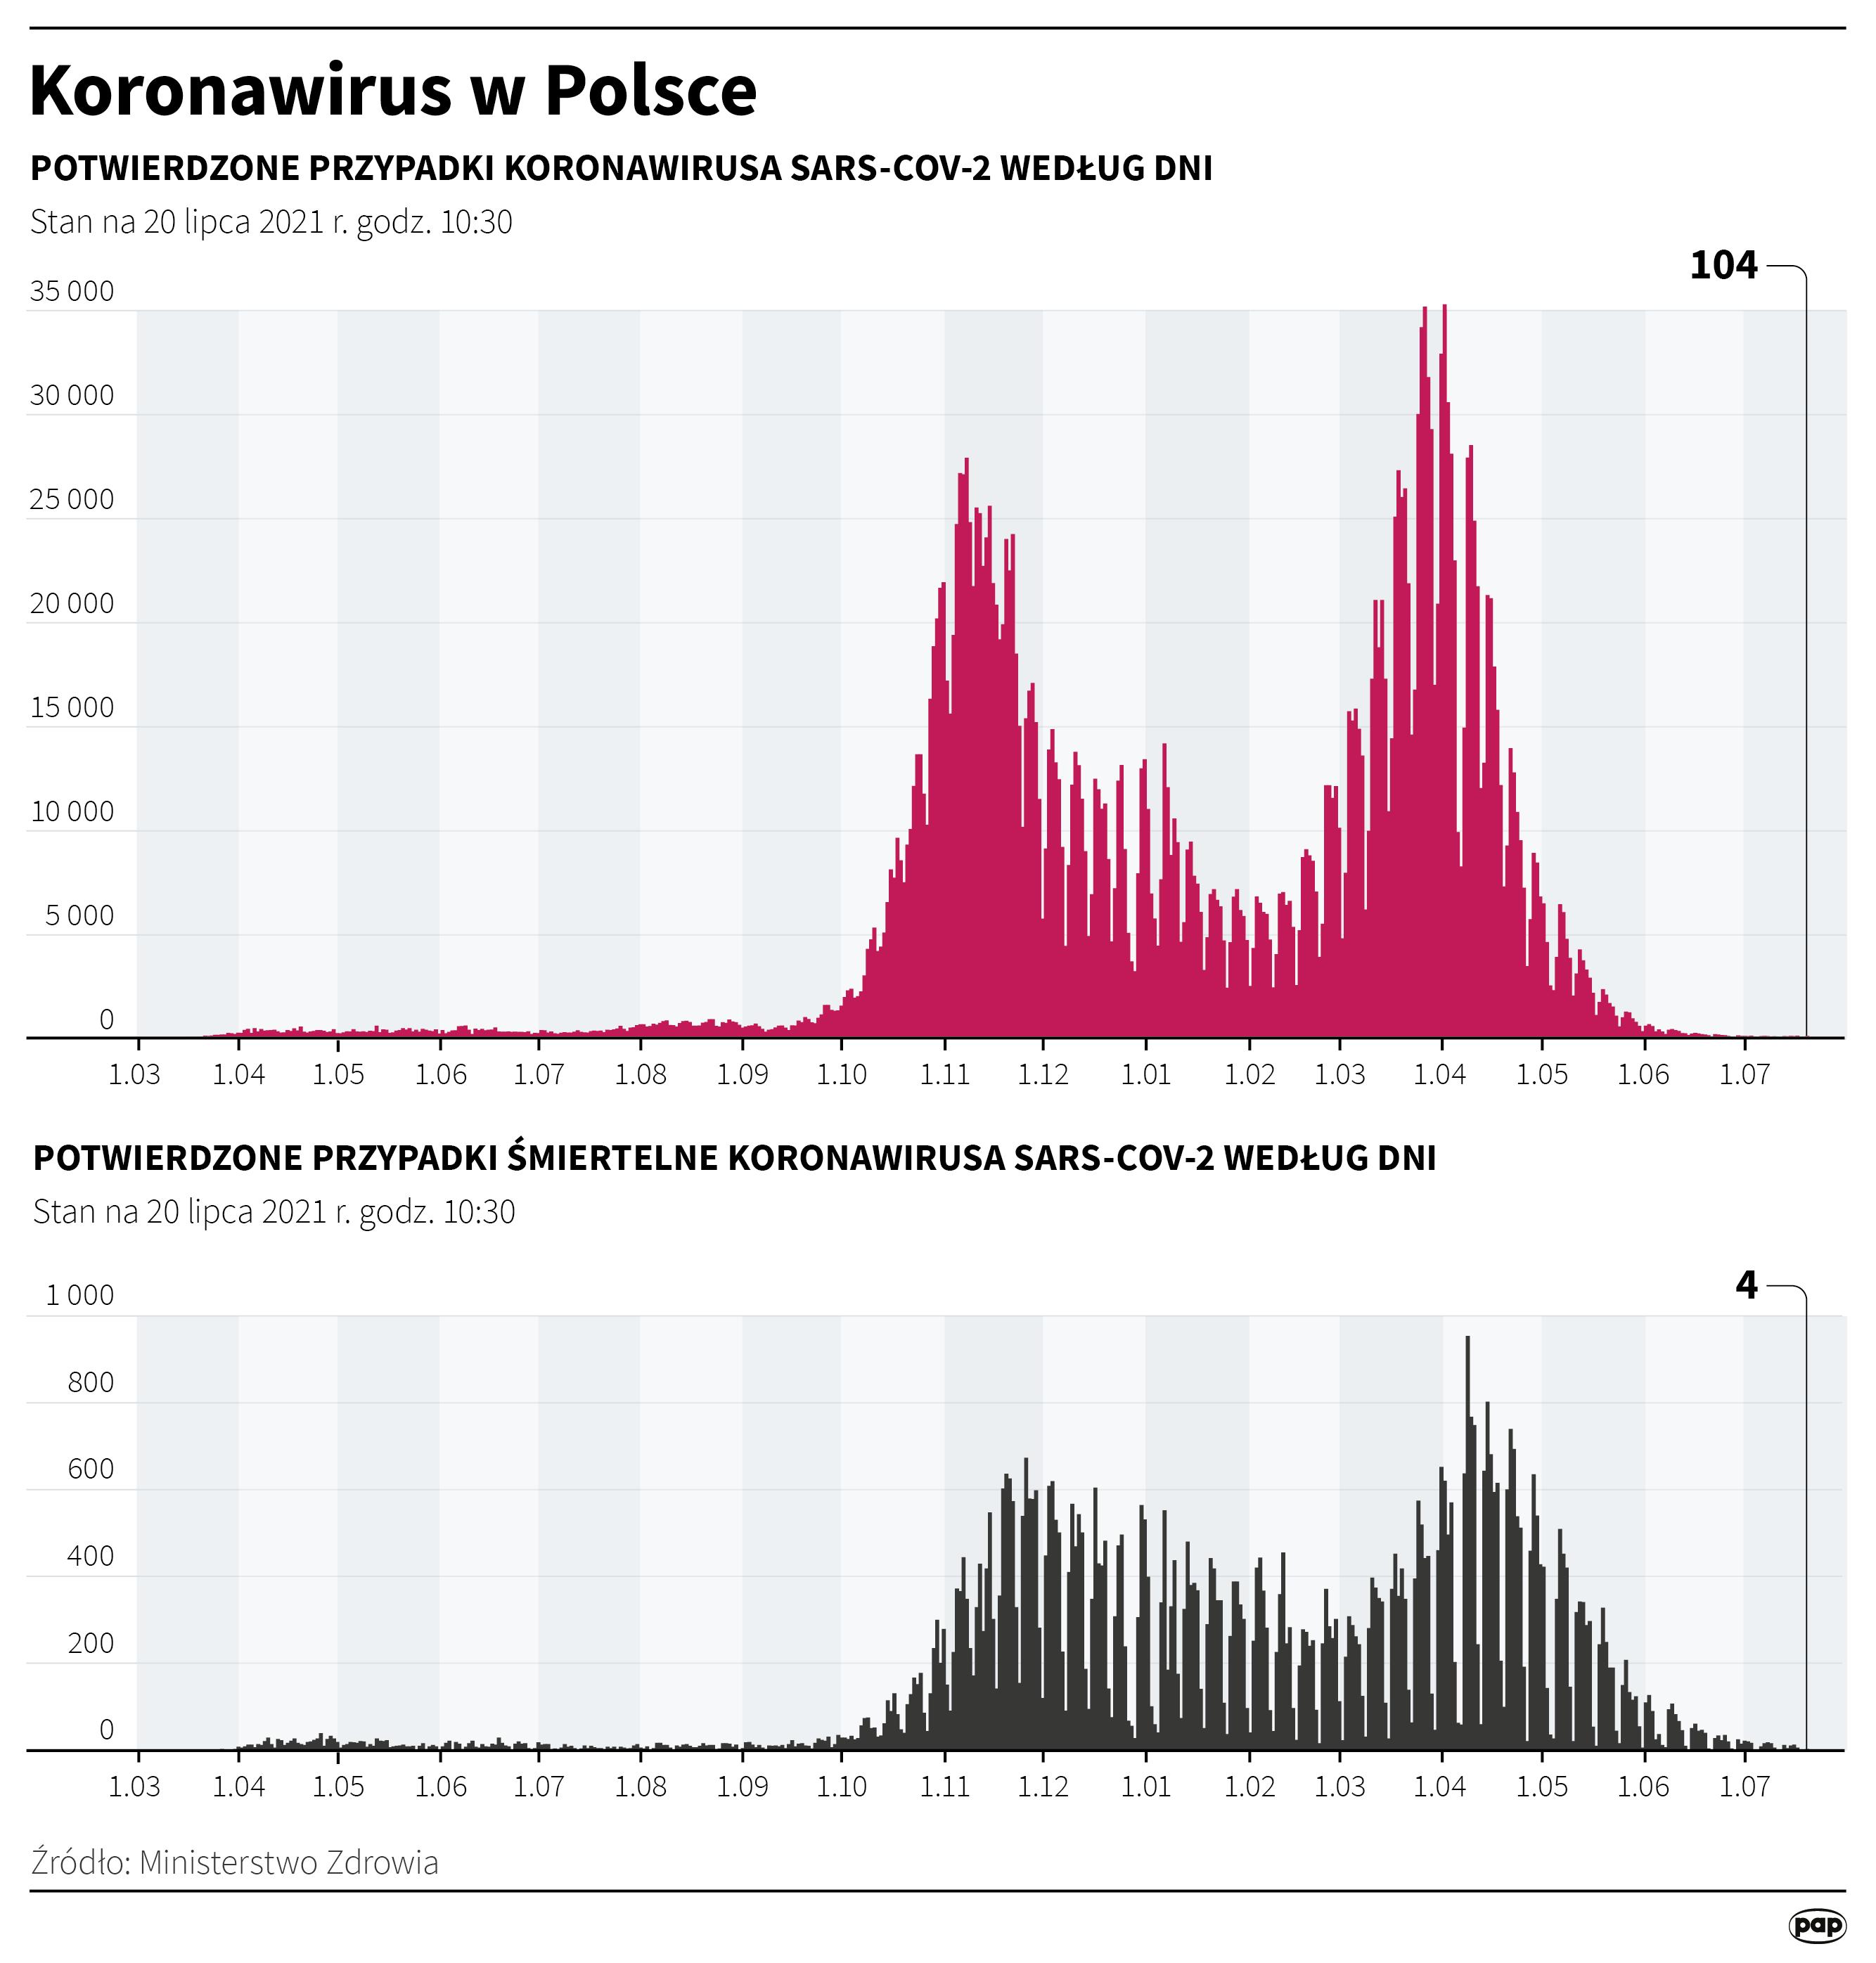 Koronawirus w Polsce - stan na 20 lipca [Autor: Maria Samczuk, źródło: PAP]